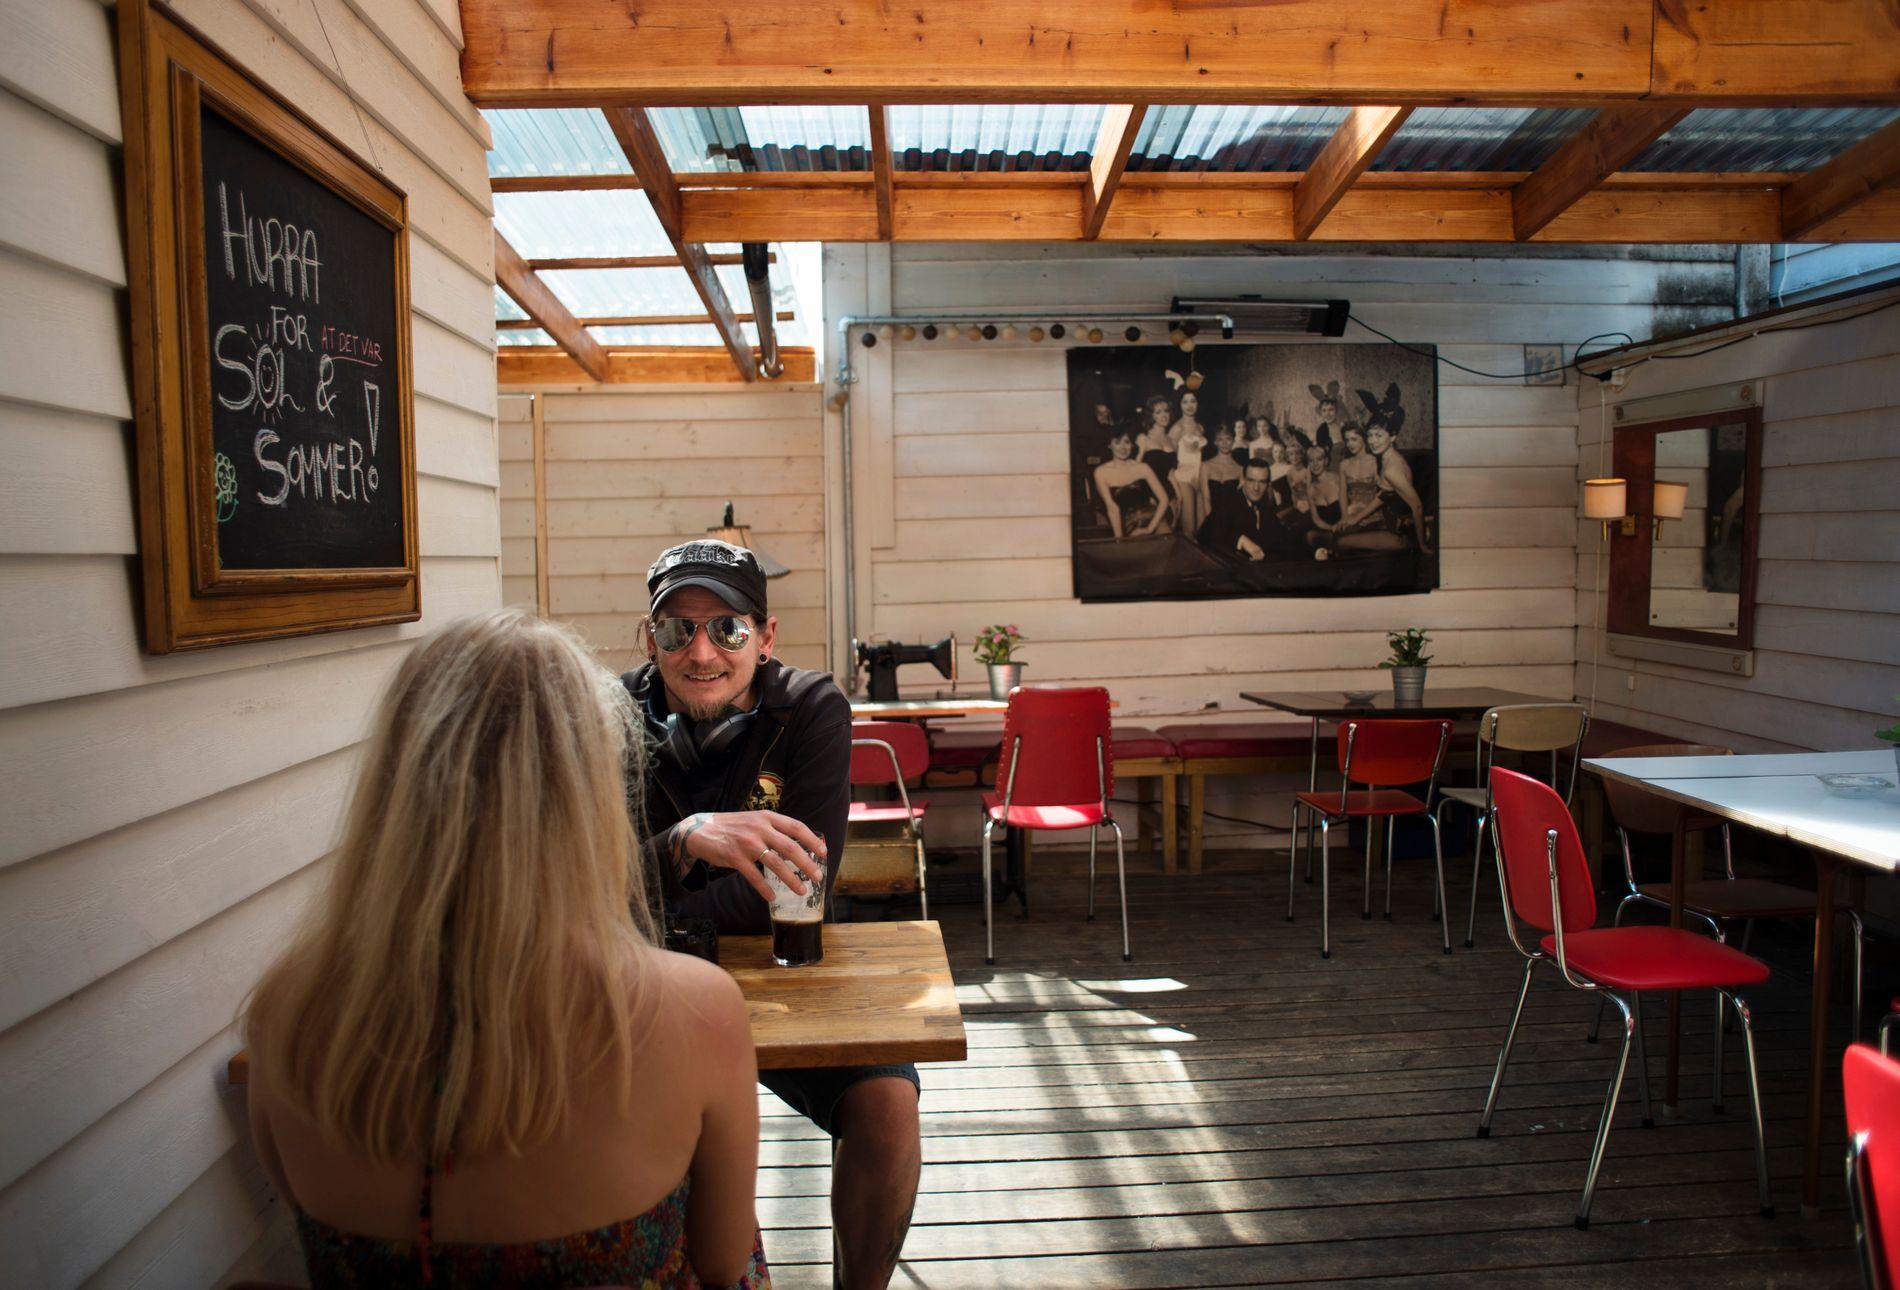 FØR ÅPNING: Det er stille i bakgården før bartender Malin Grov reiser seg for å gjøre klart til åpning.